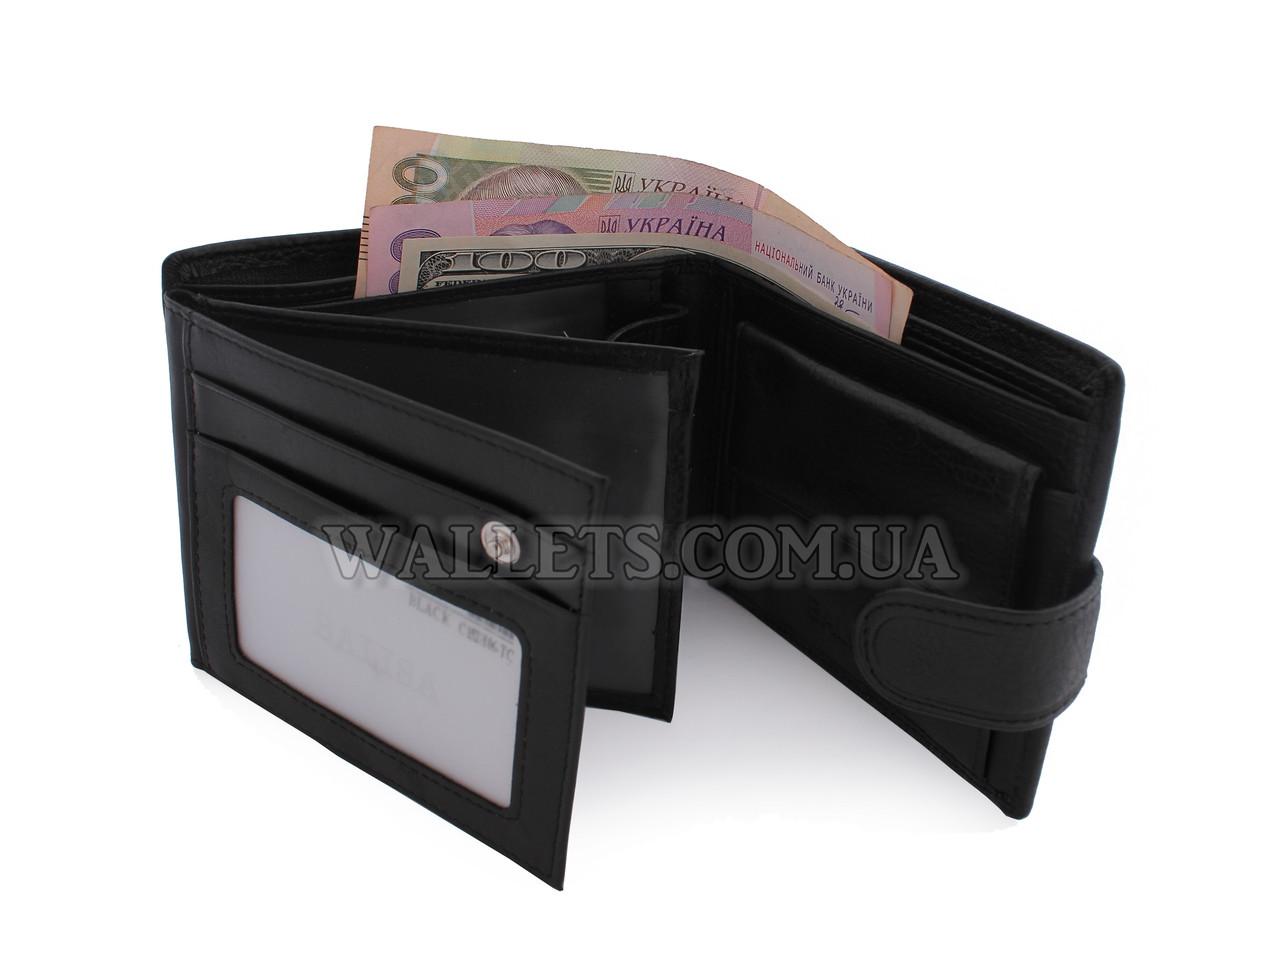 Кошелек мужской кожаный BALISA, черный, лопатник - Интернет-магазин «Wallets» в Белой Церкви